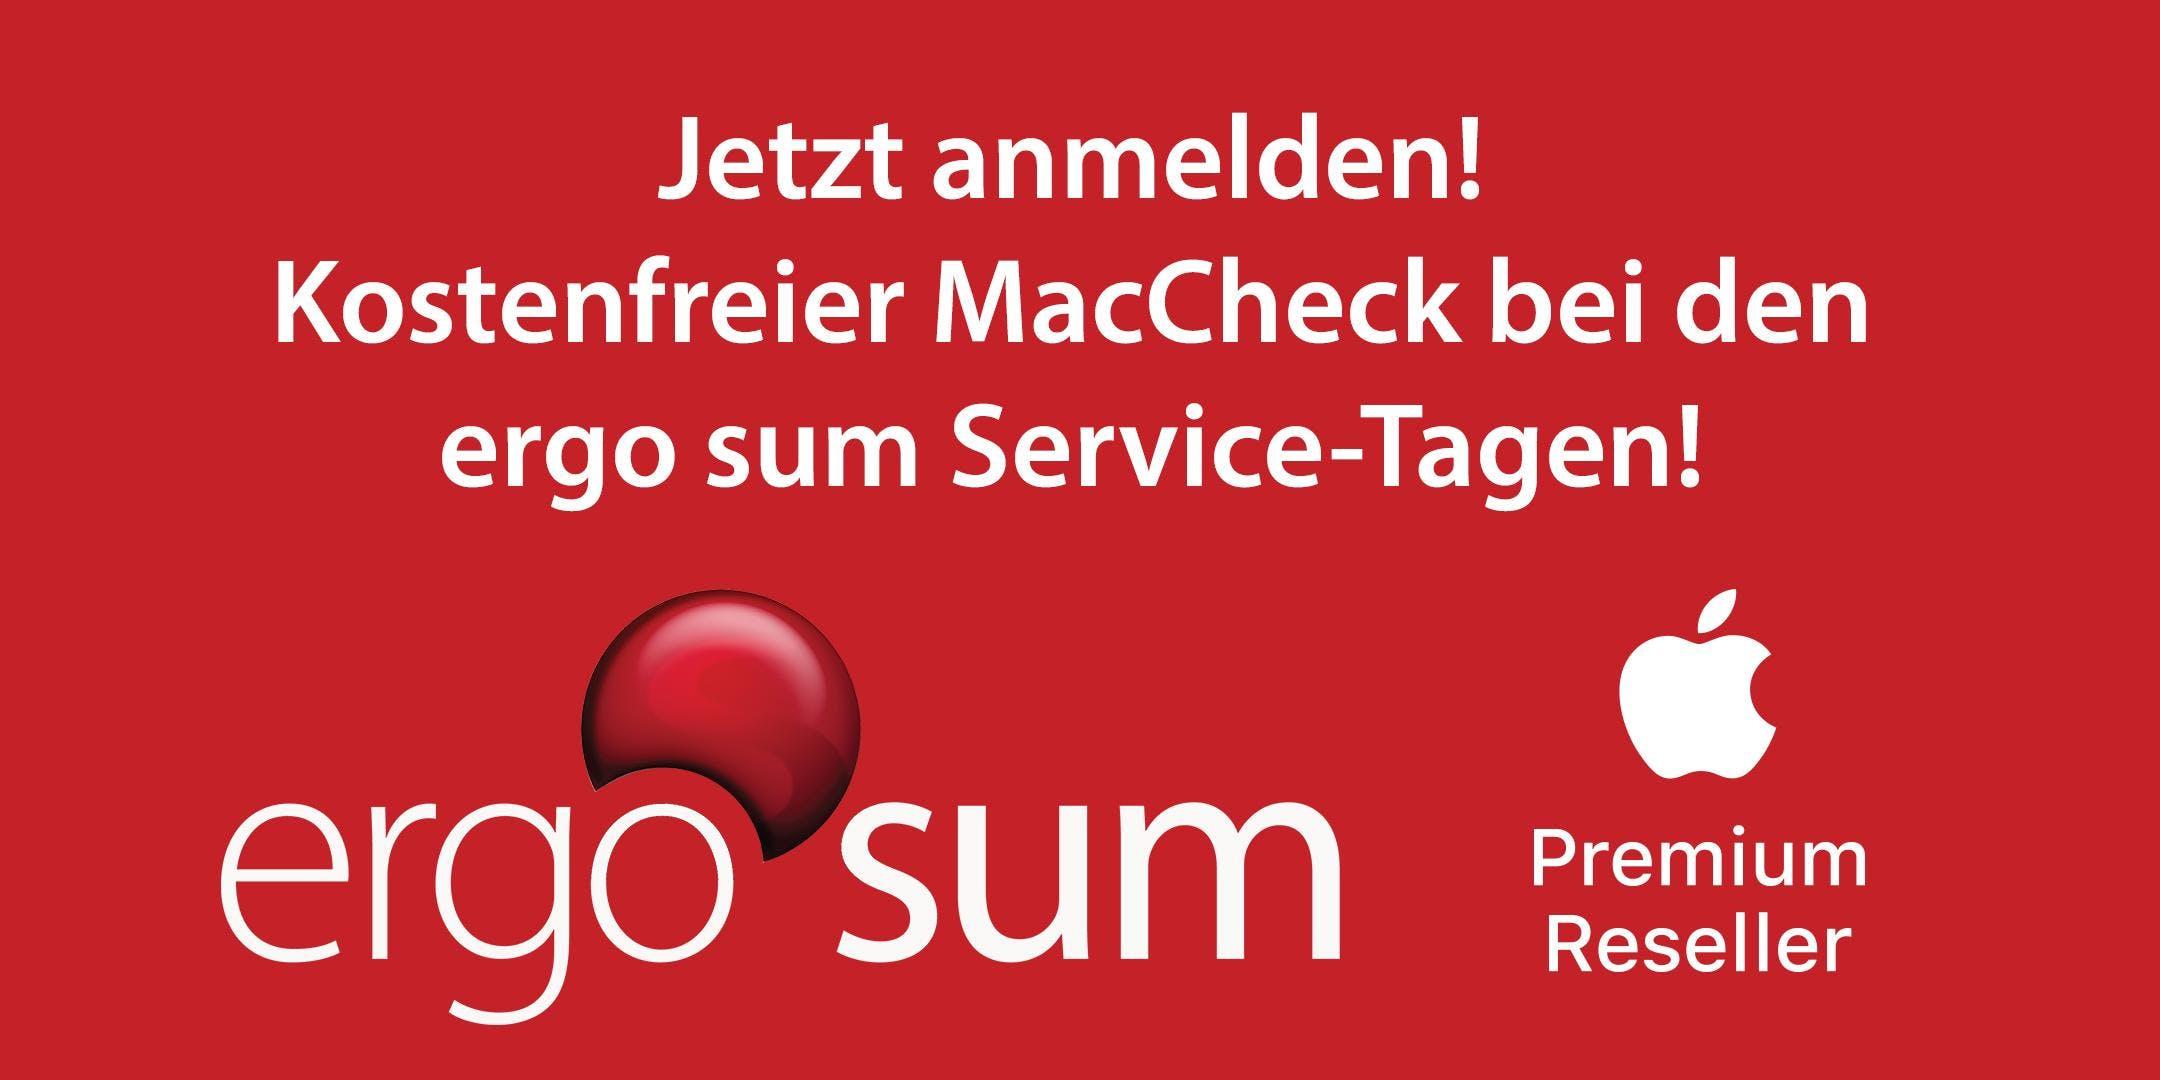 Service-Tage bei ergo sum - kostenfreier Check für Deinen Mac, iPad oder iPhone